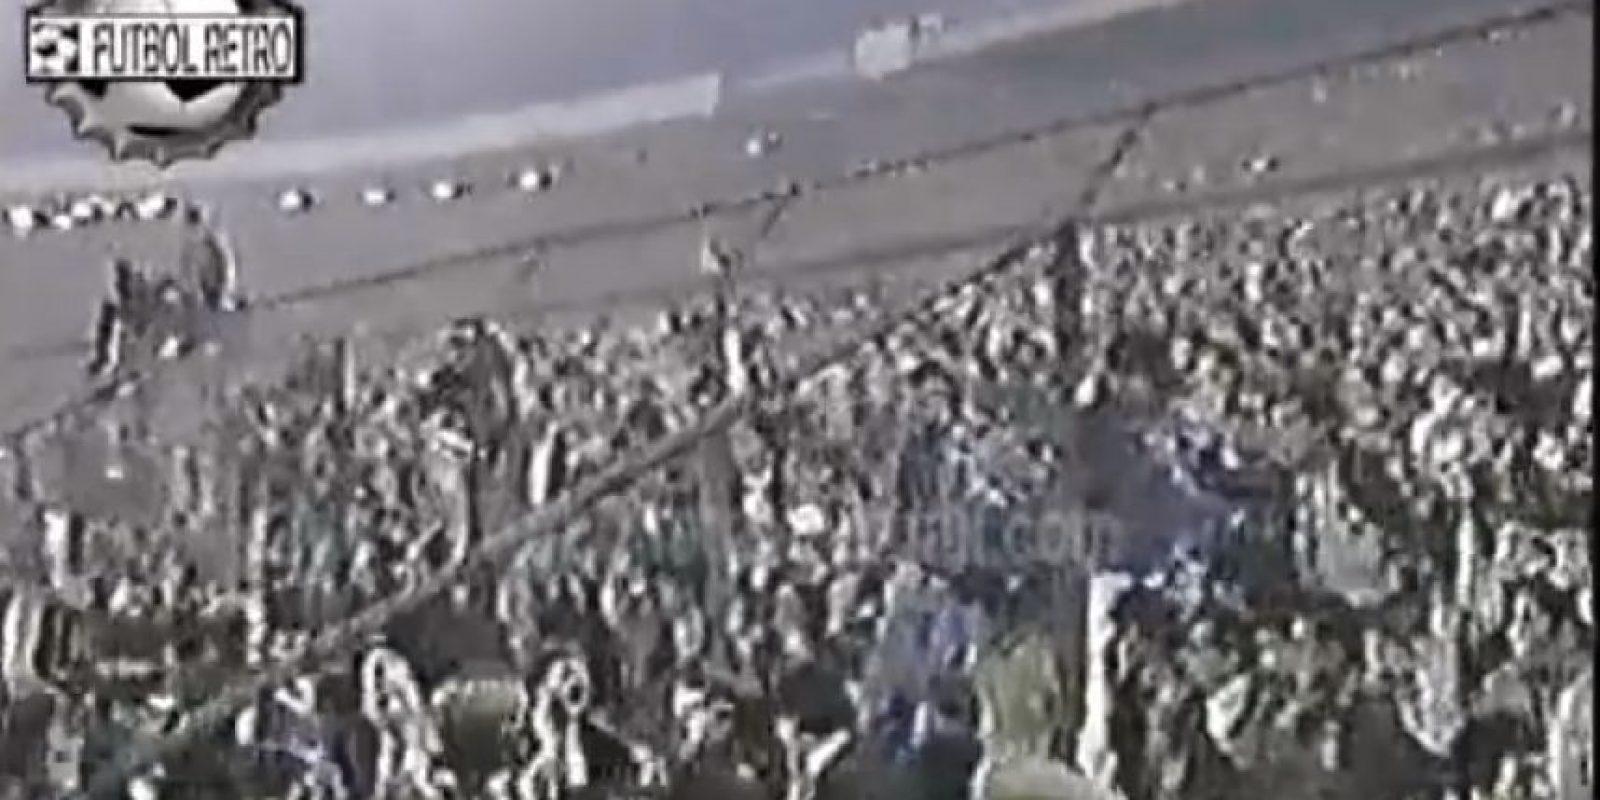 El escándalo de Santiago en 1991: Se jugaban las semifinales de la Copa Libertadores entre Boca Juniors y Colo Colo. En el partido de ida, que se disputó en el Estadio Nacional de Santiago, hubo una gran gresca en la que intervino el entonces DT xeneize, Oscar Washington Tábarez.